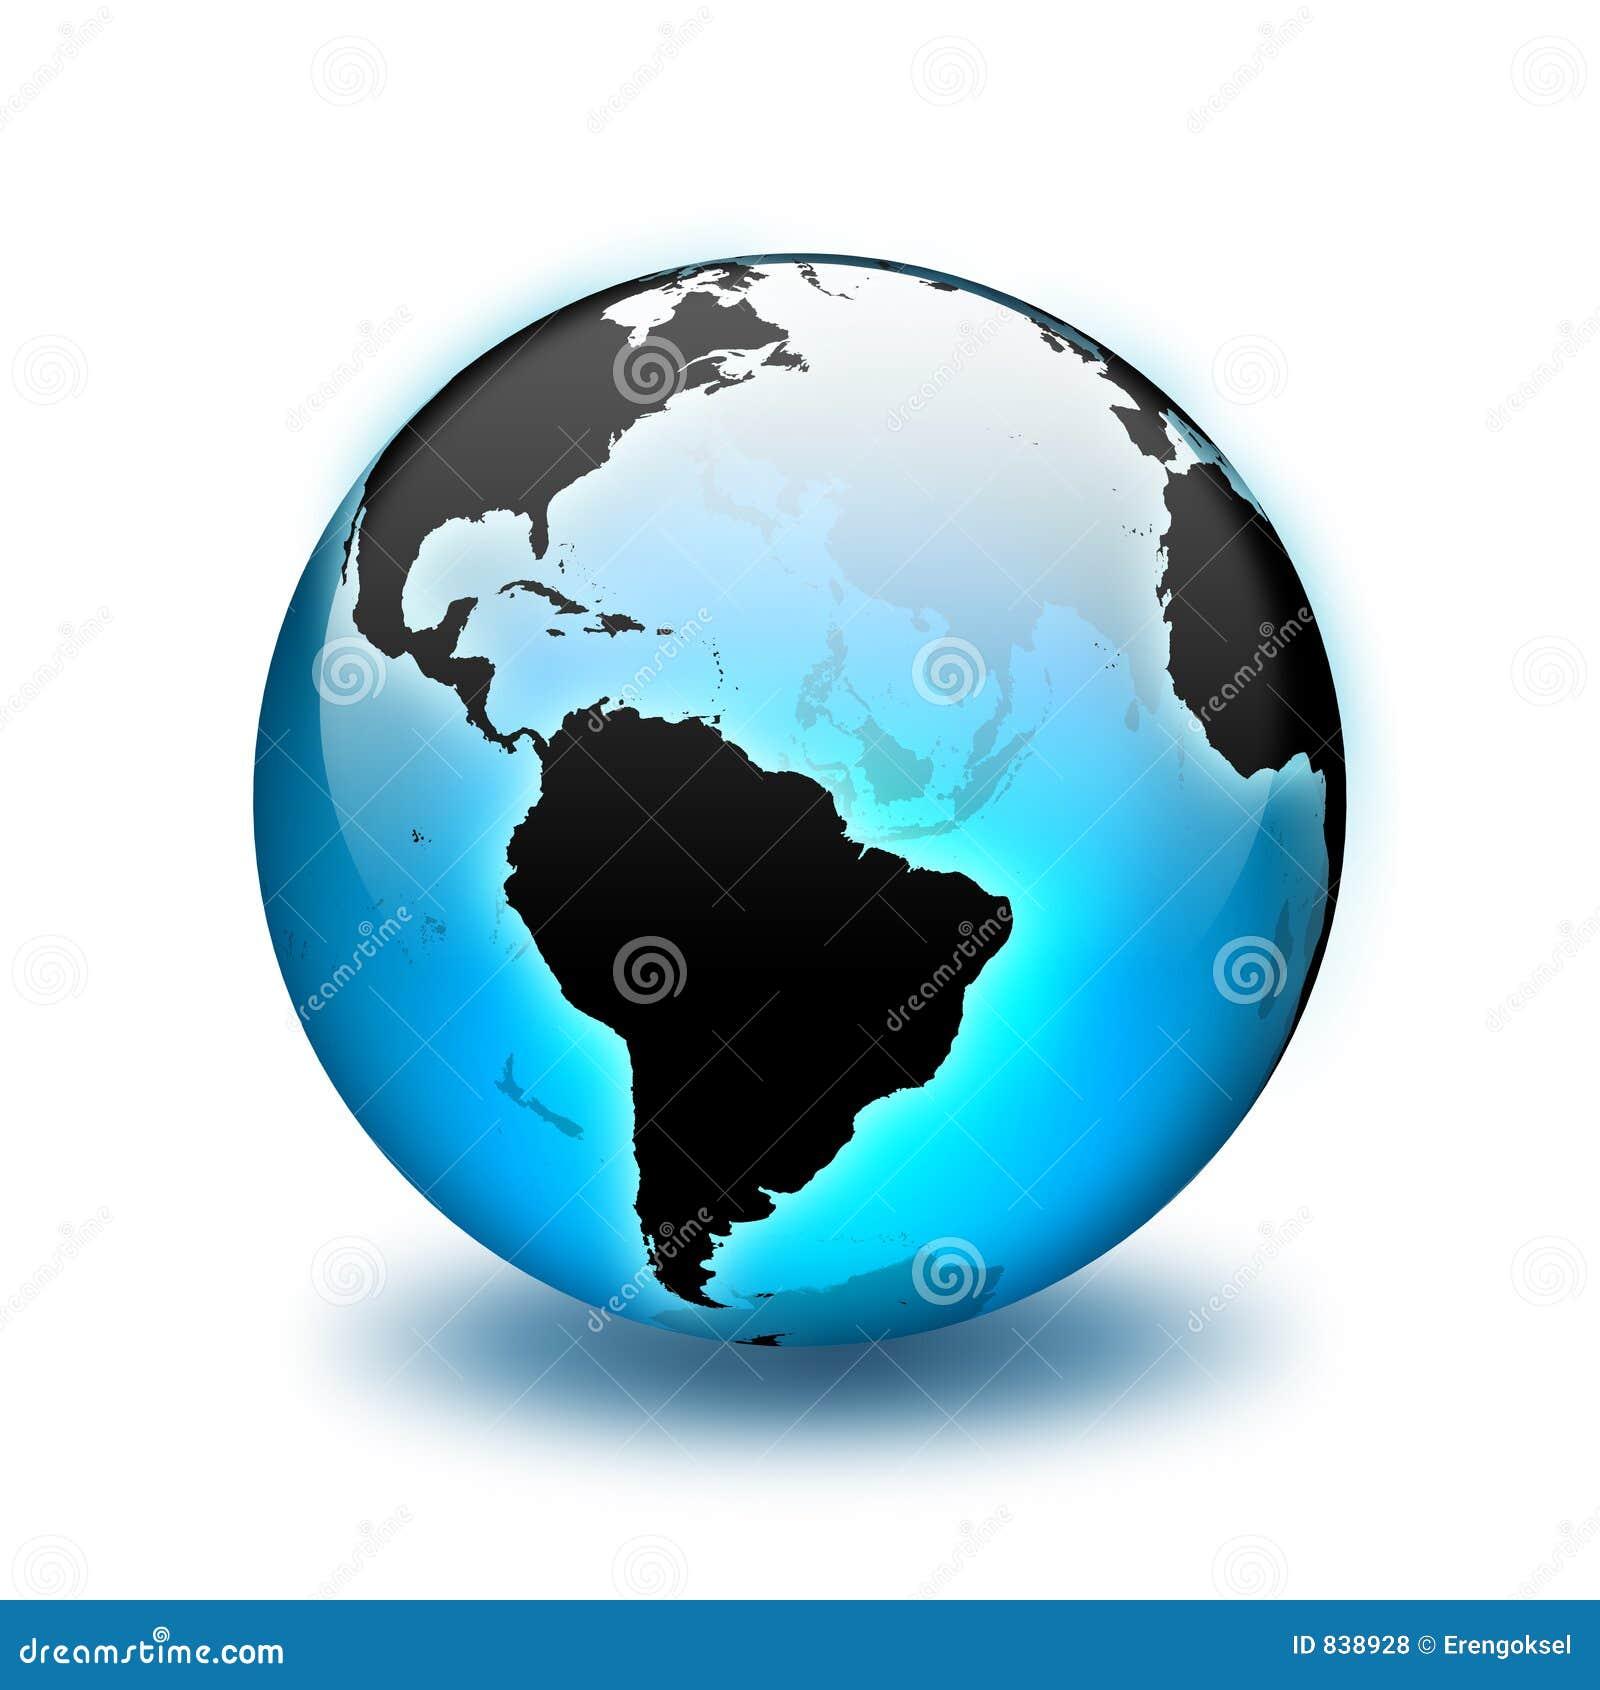 World Globe Royalty Free Stock Photos - Image: 838928